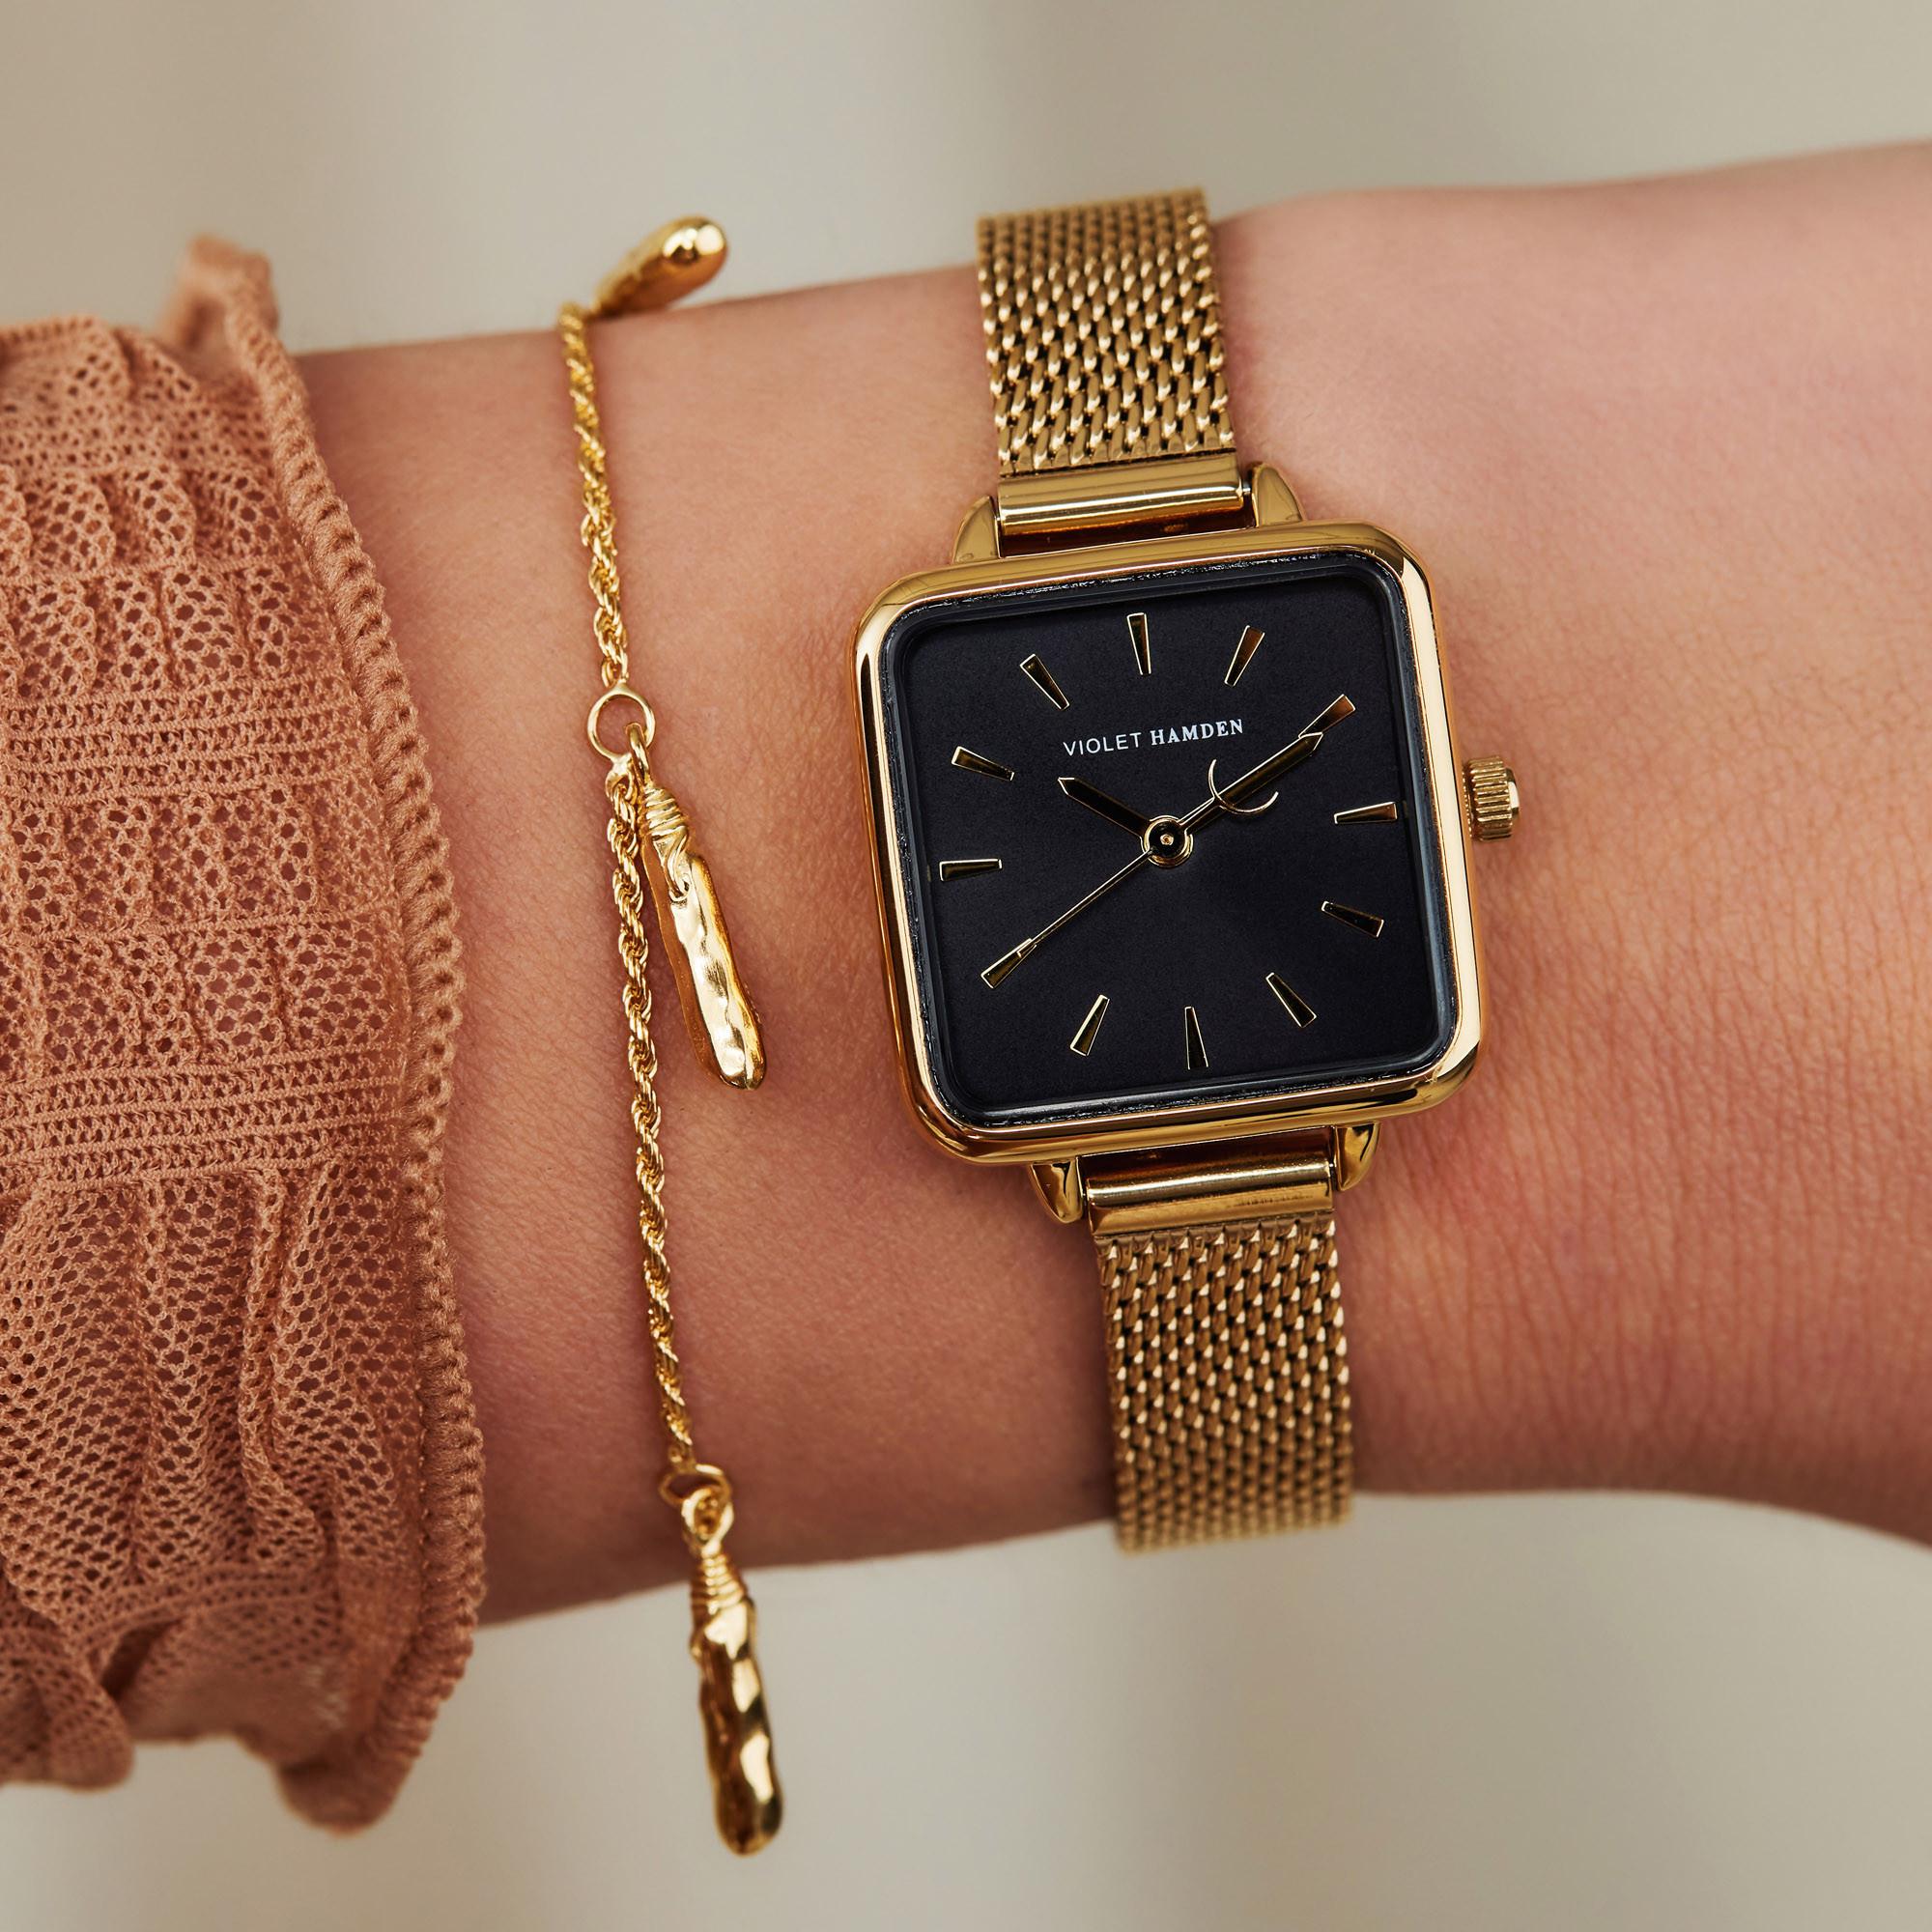 Violet Hamden Dawn Gold Colored/Black horloge VH05012 (24 mm)